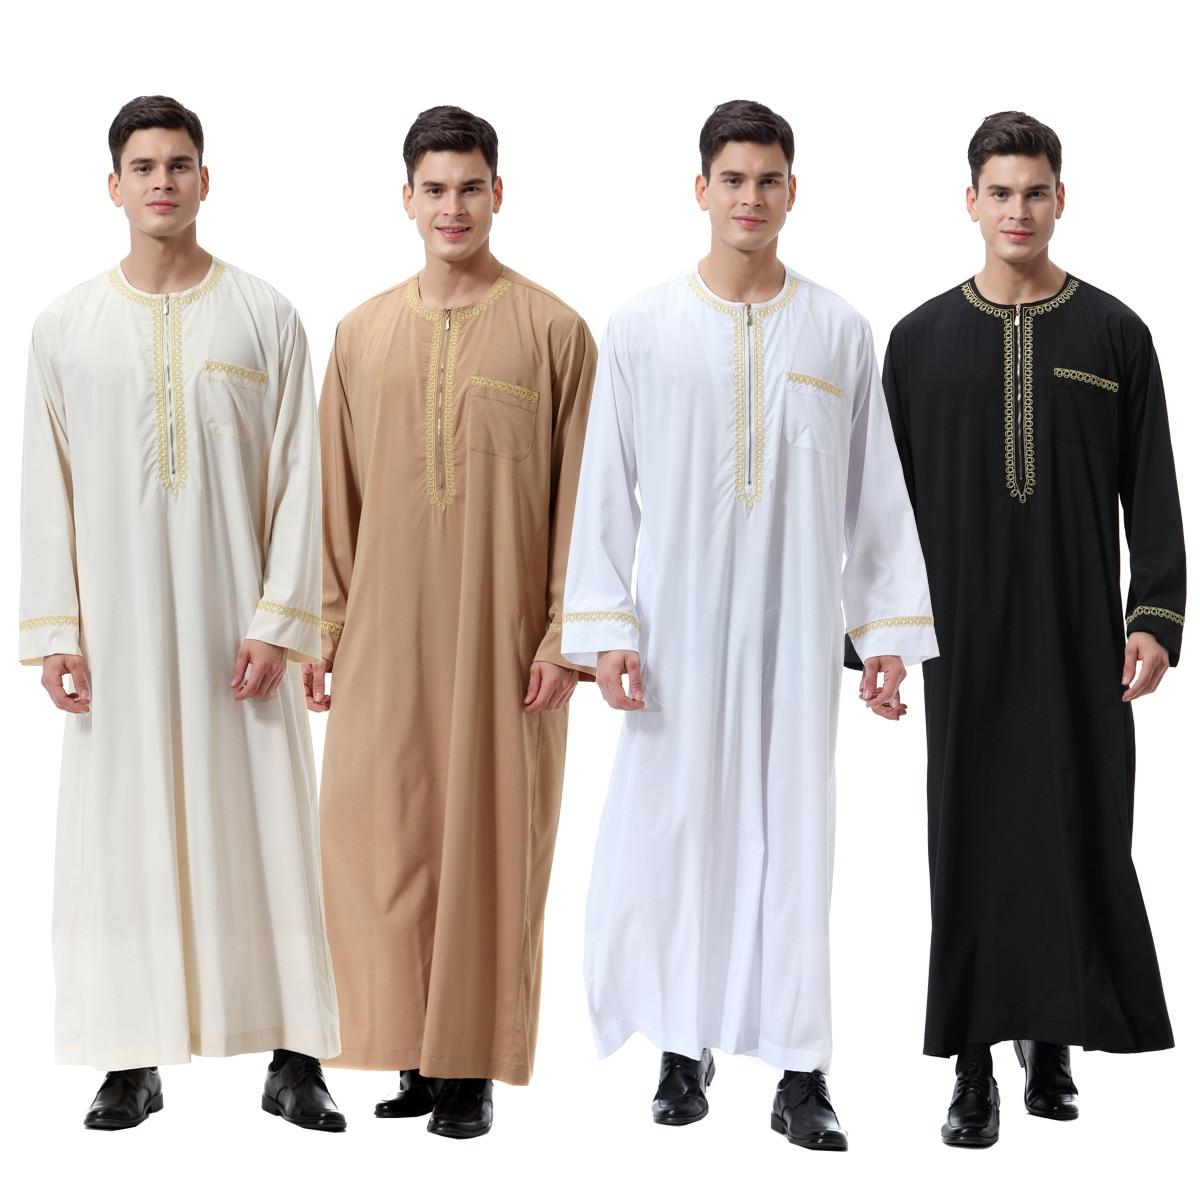 Мусульманский ислам ic одежда для мужчин jubba ТОБ принт молния кимоно длинный халат Саудовской муфульман одежда Кафтан абайя ислам Дубай